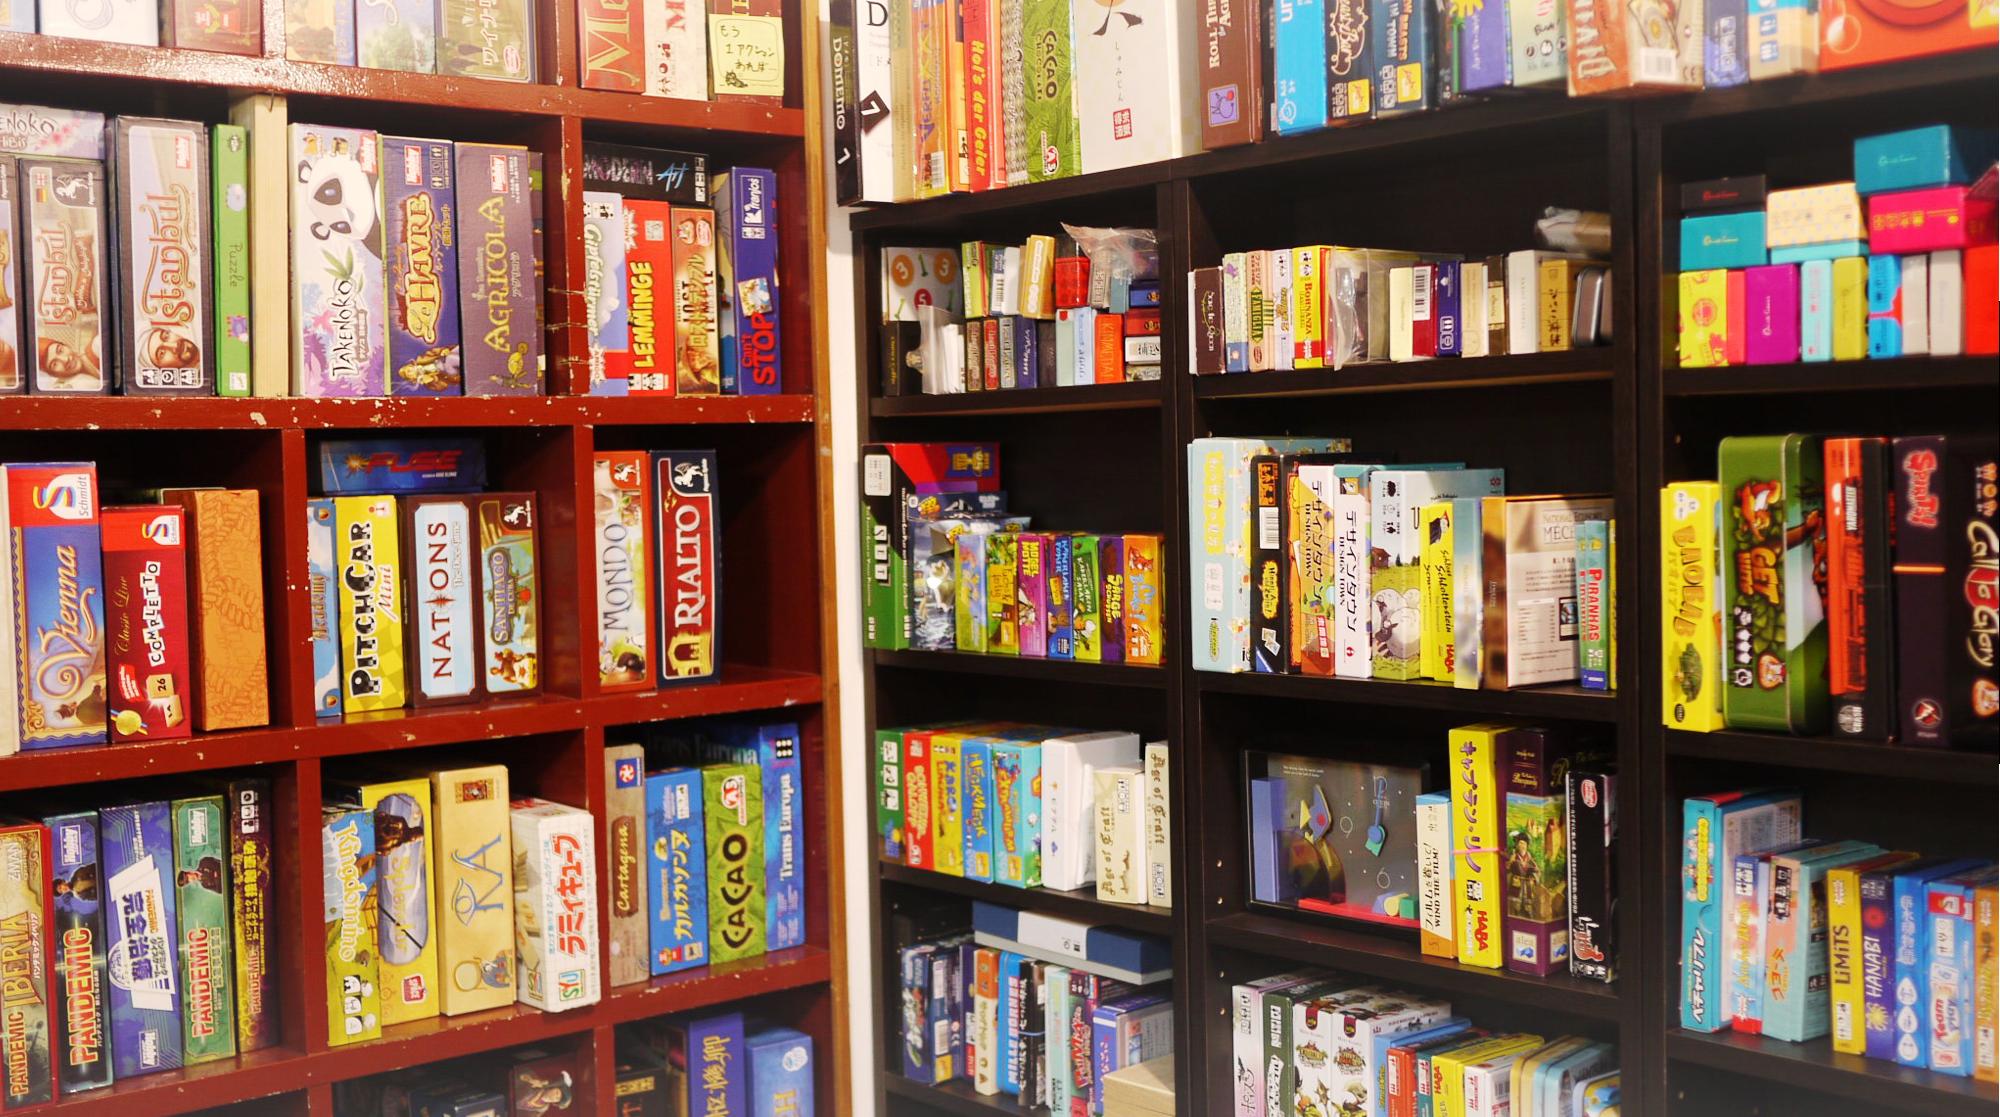 ひっそりと遊べる場所、はじめます - 世界中から集めた600種類のボードゲームが揃っています。